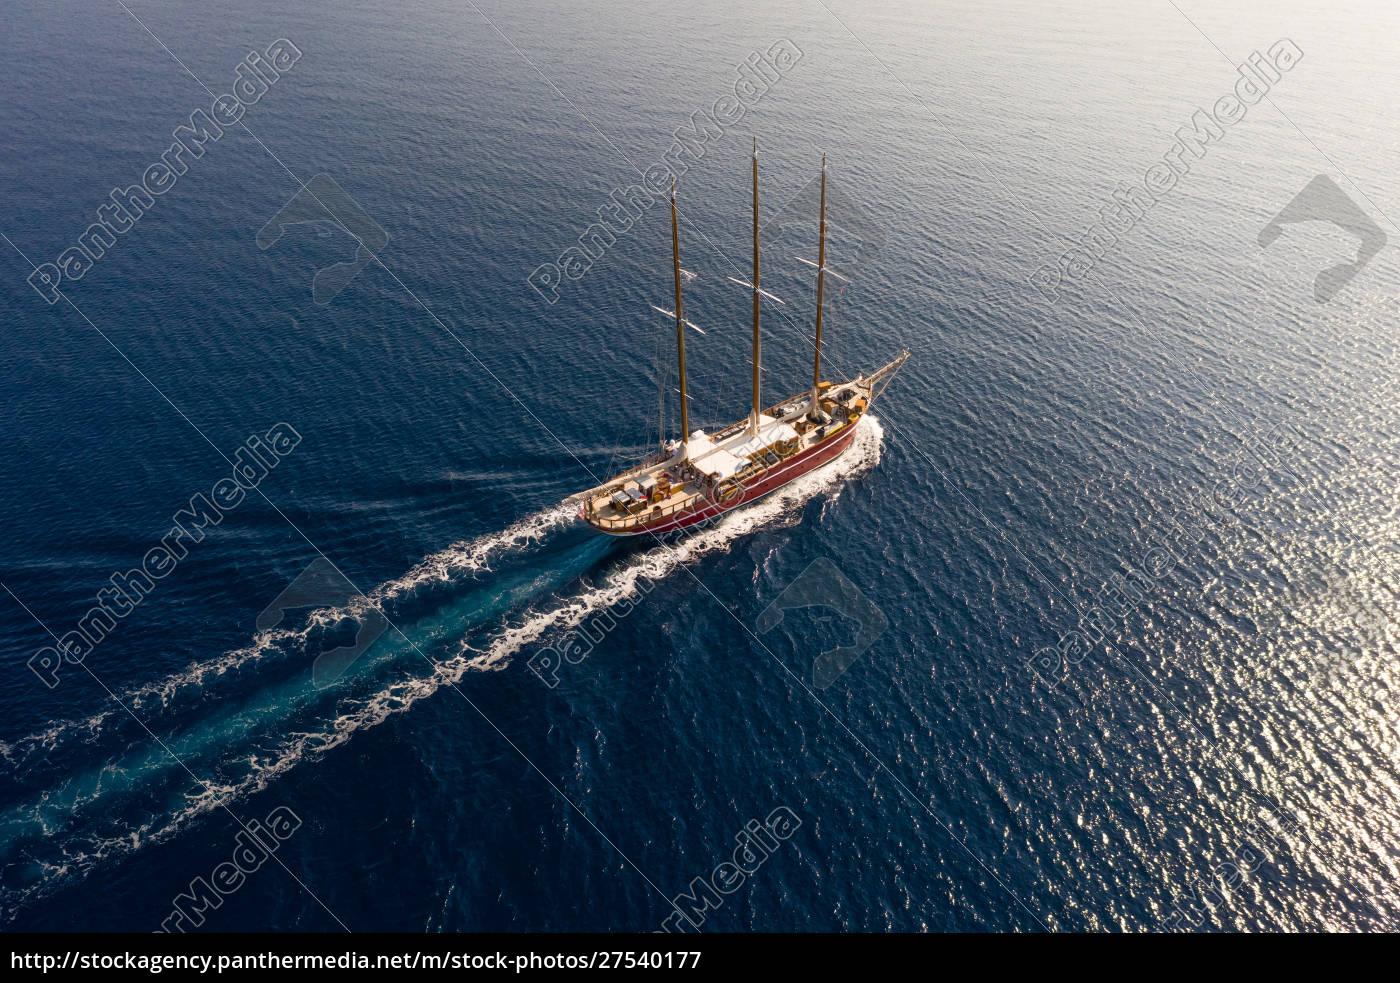 luftaufnahme, des, touristischen, segelbootes, über, die - 27540177